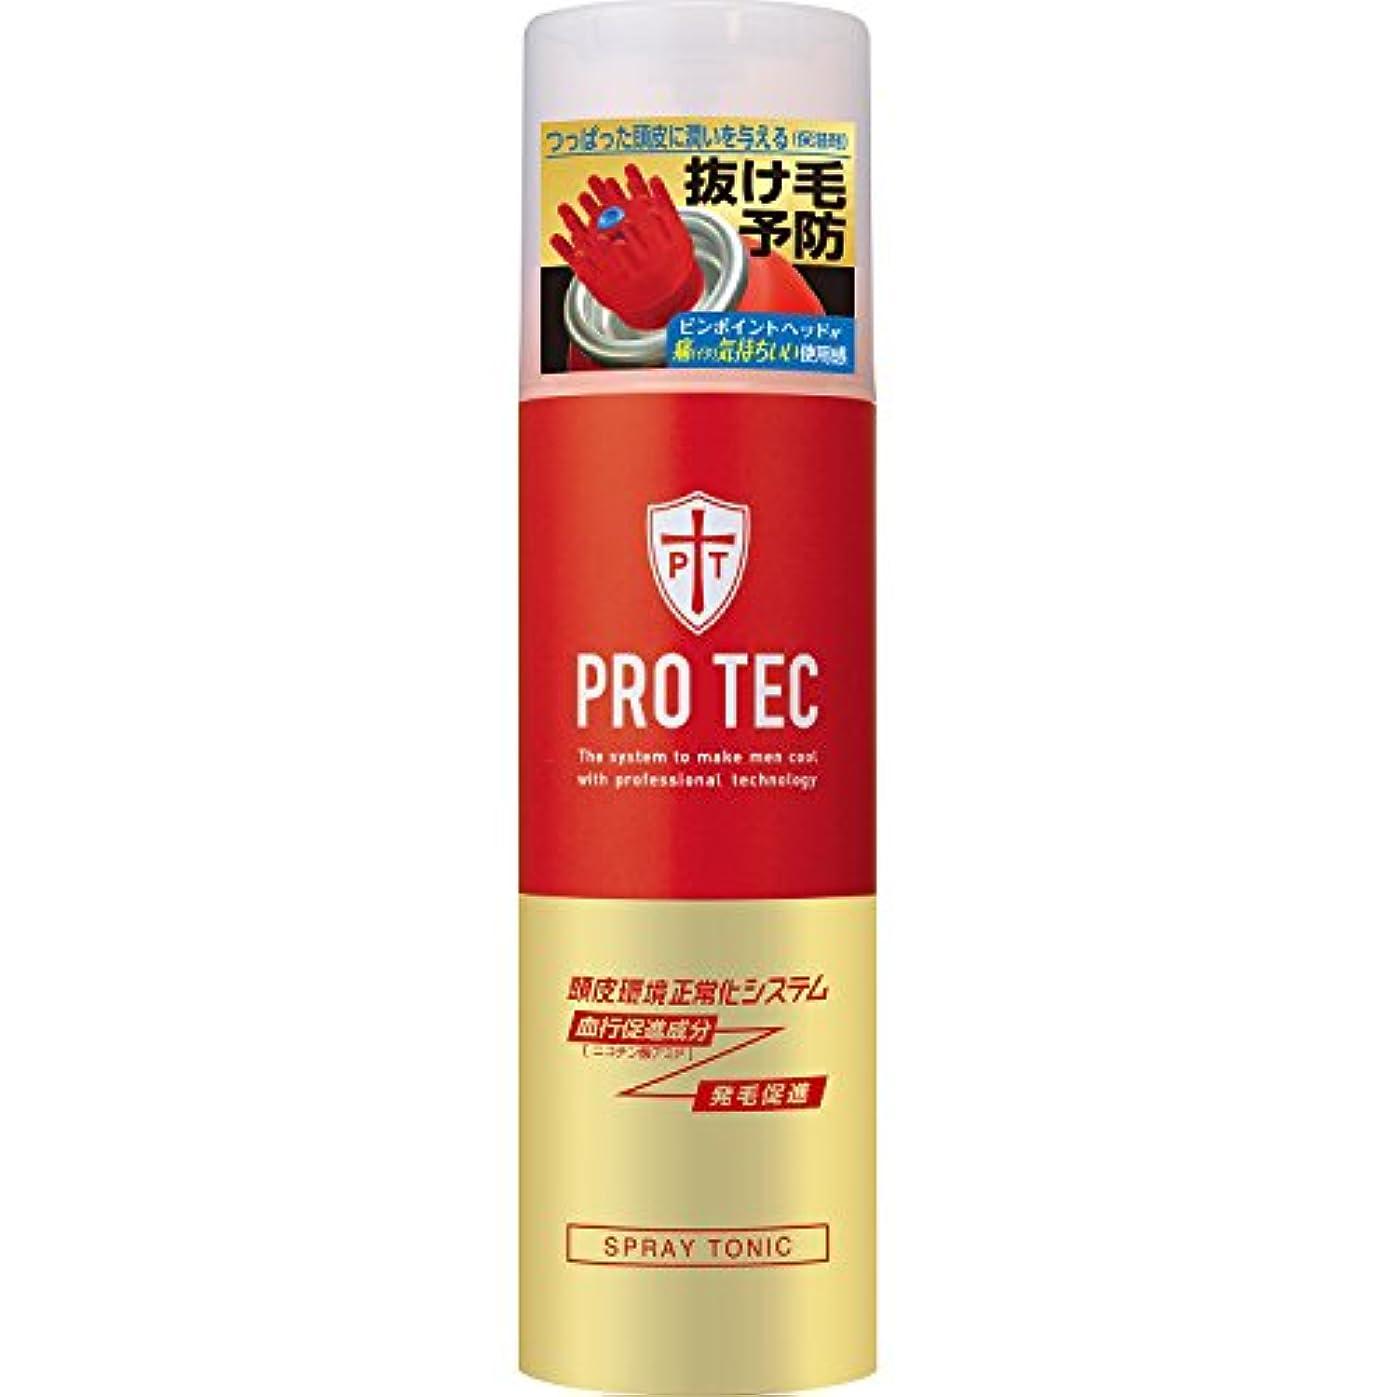 確執アイスクリーム異形PRO TEC(プロテク) スプレートニック 150g(医薬部外品)